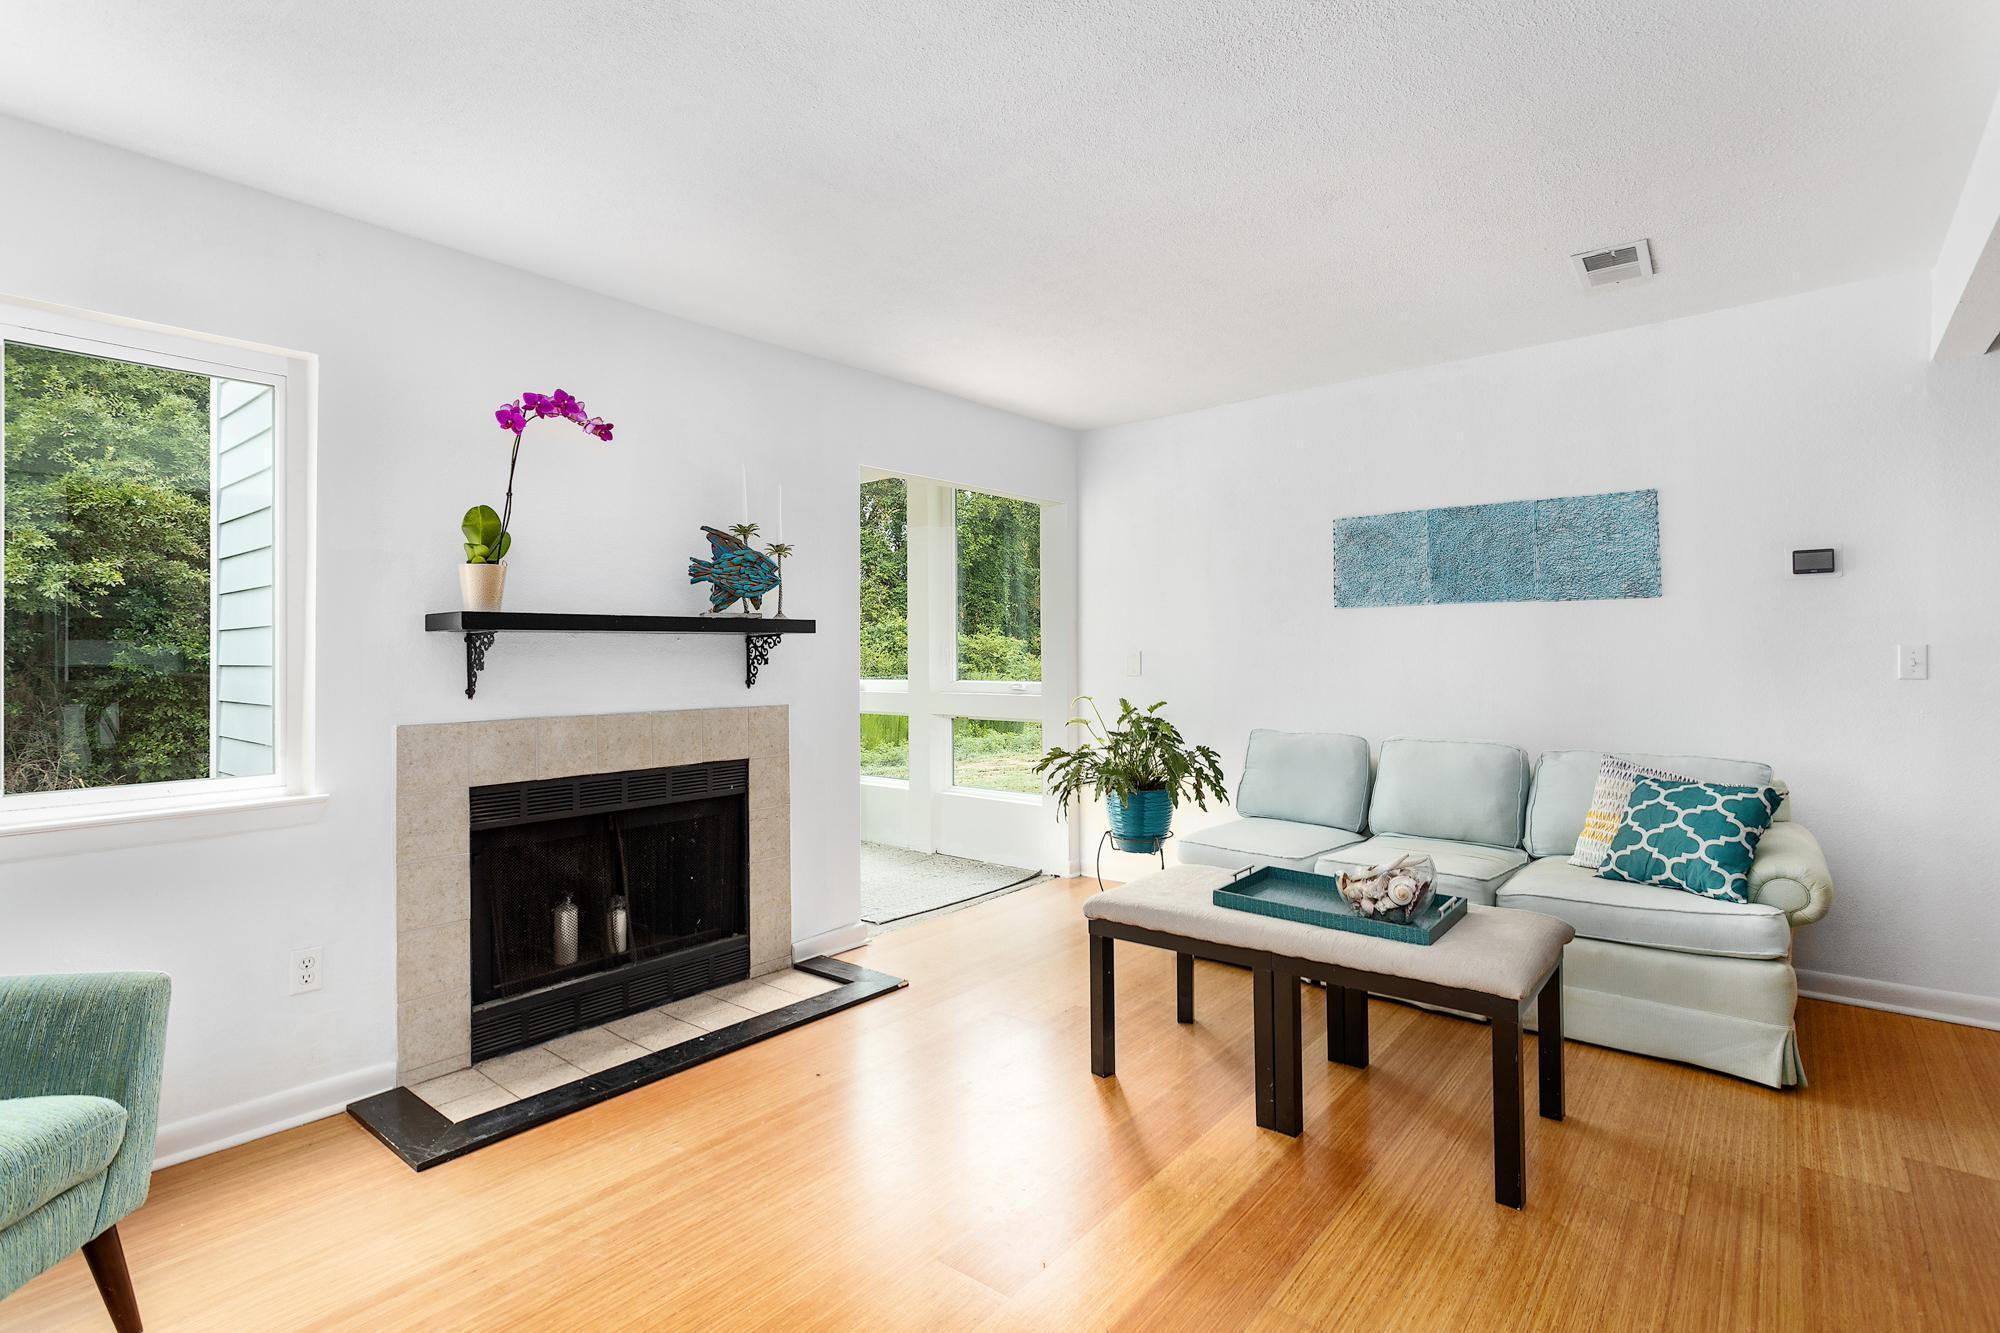 East Bridge Town Lofts Homes For Sale - 268 Alexandra, Mount Pleasant, SC - 13